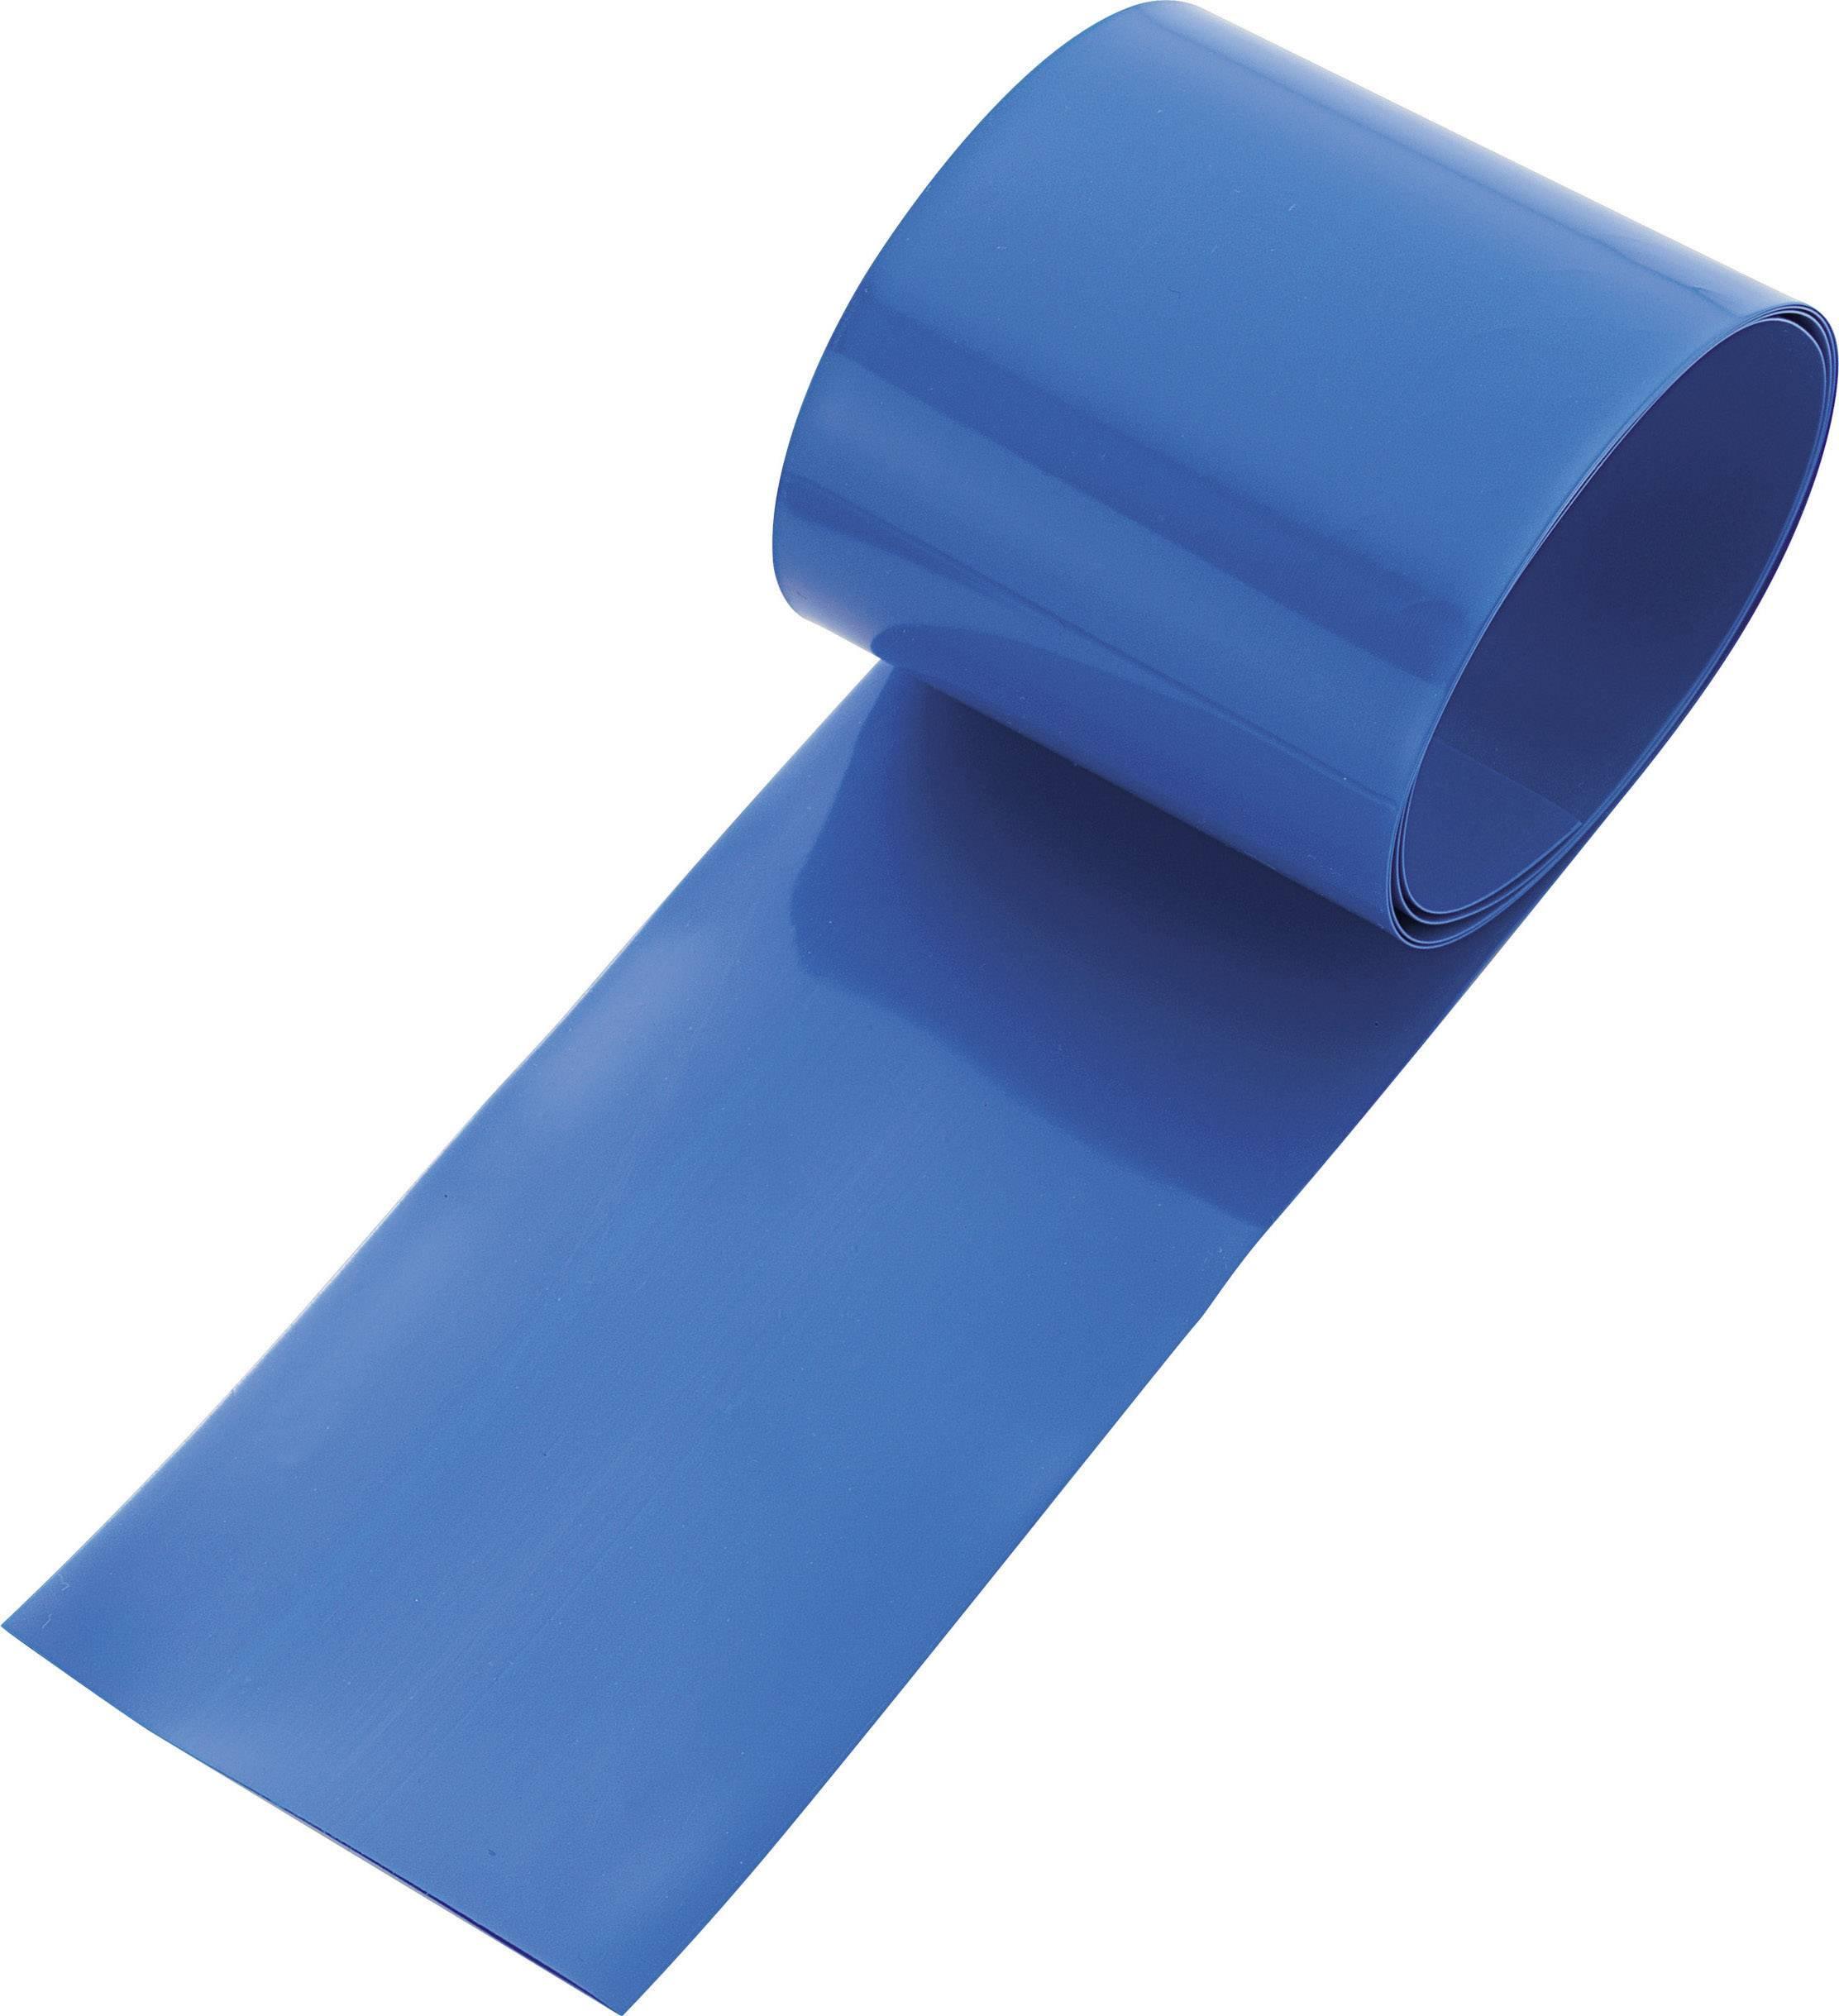 Zmršťovacia bužírka na akumulátory, bez lepidla TRU COMPONENTS 93014c88b, 38 mm, modrá, 1 ks